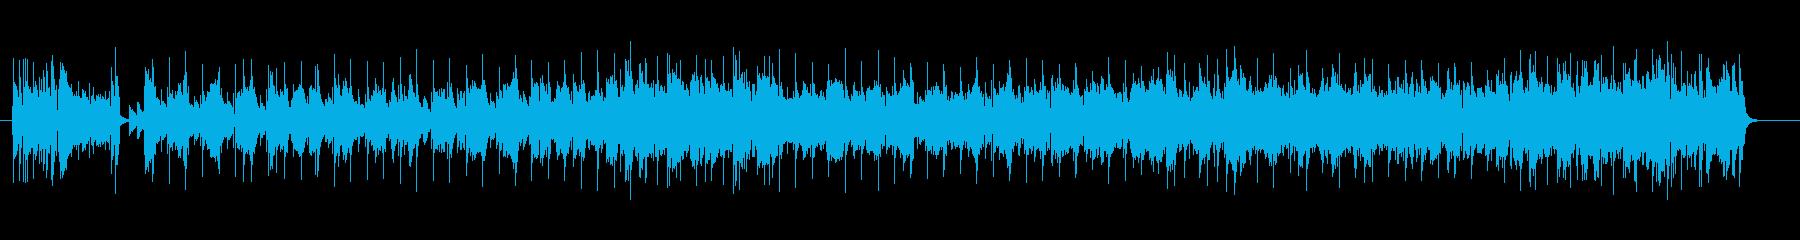 ピアノが美しいサンバ風フュージョンの再生済みの波形